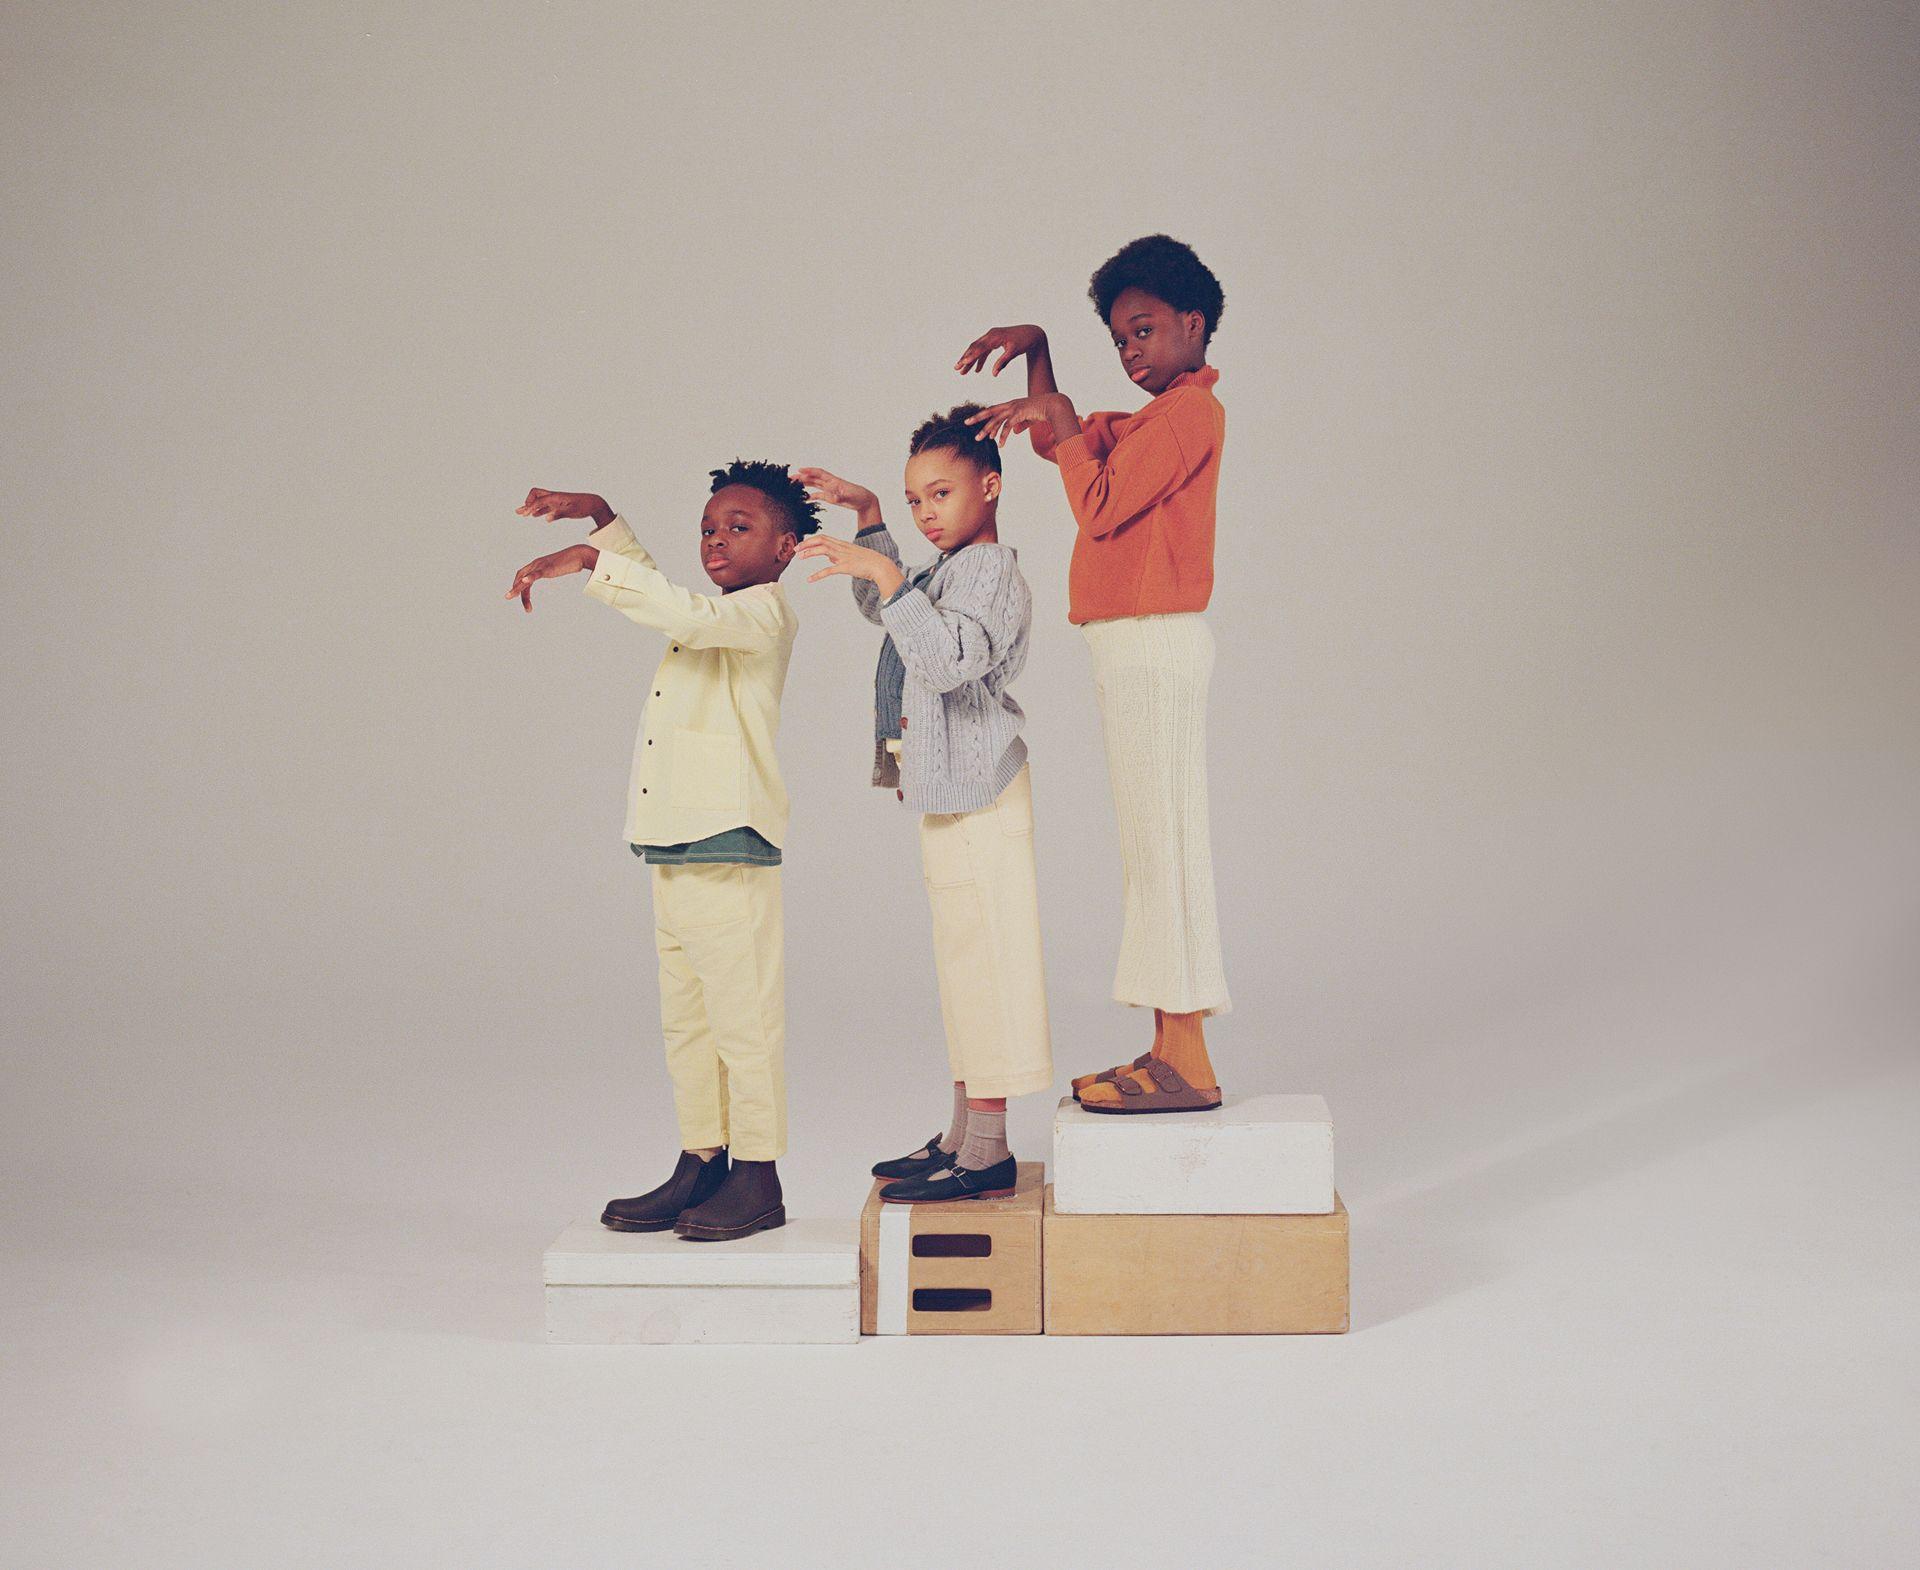 Trois enfants bipèdes qui se tiennent en ligne et de côté sur des boîtes de pommes et qui font des mimiques amusantes avec leurs mains pour un spectacle d'ombres.